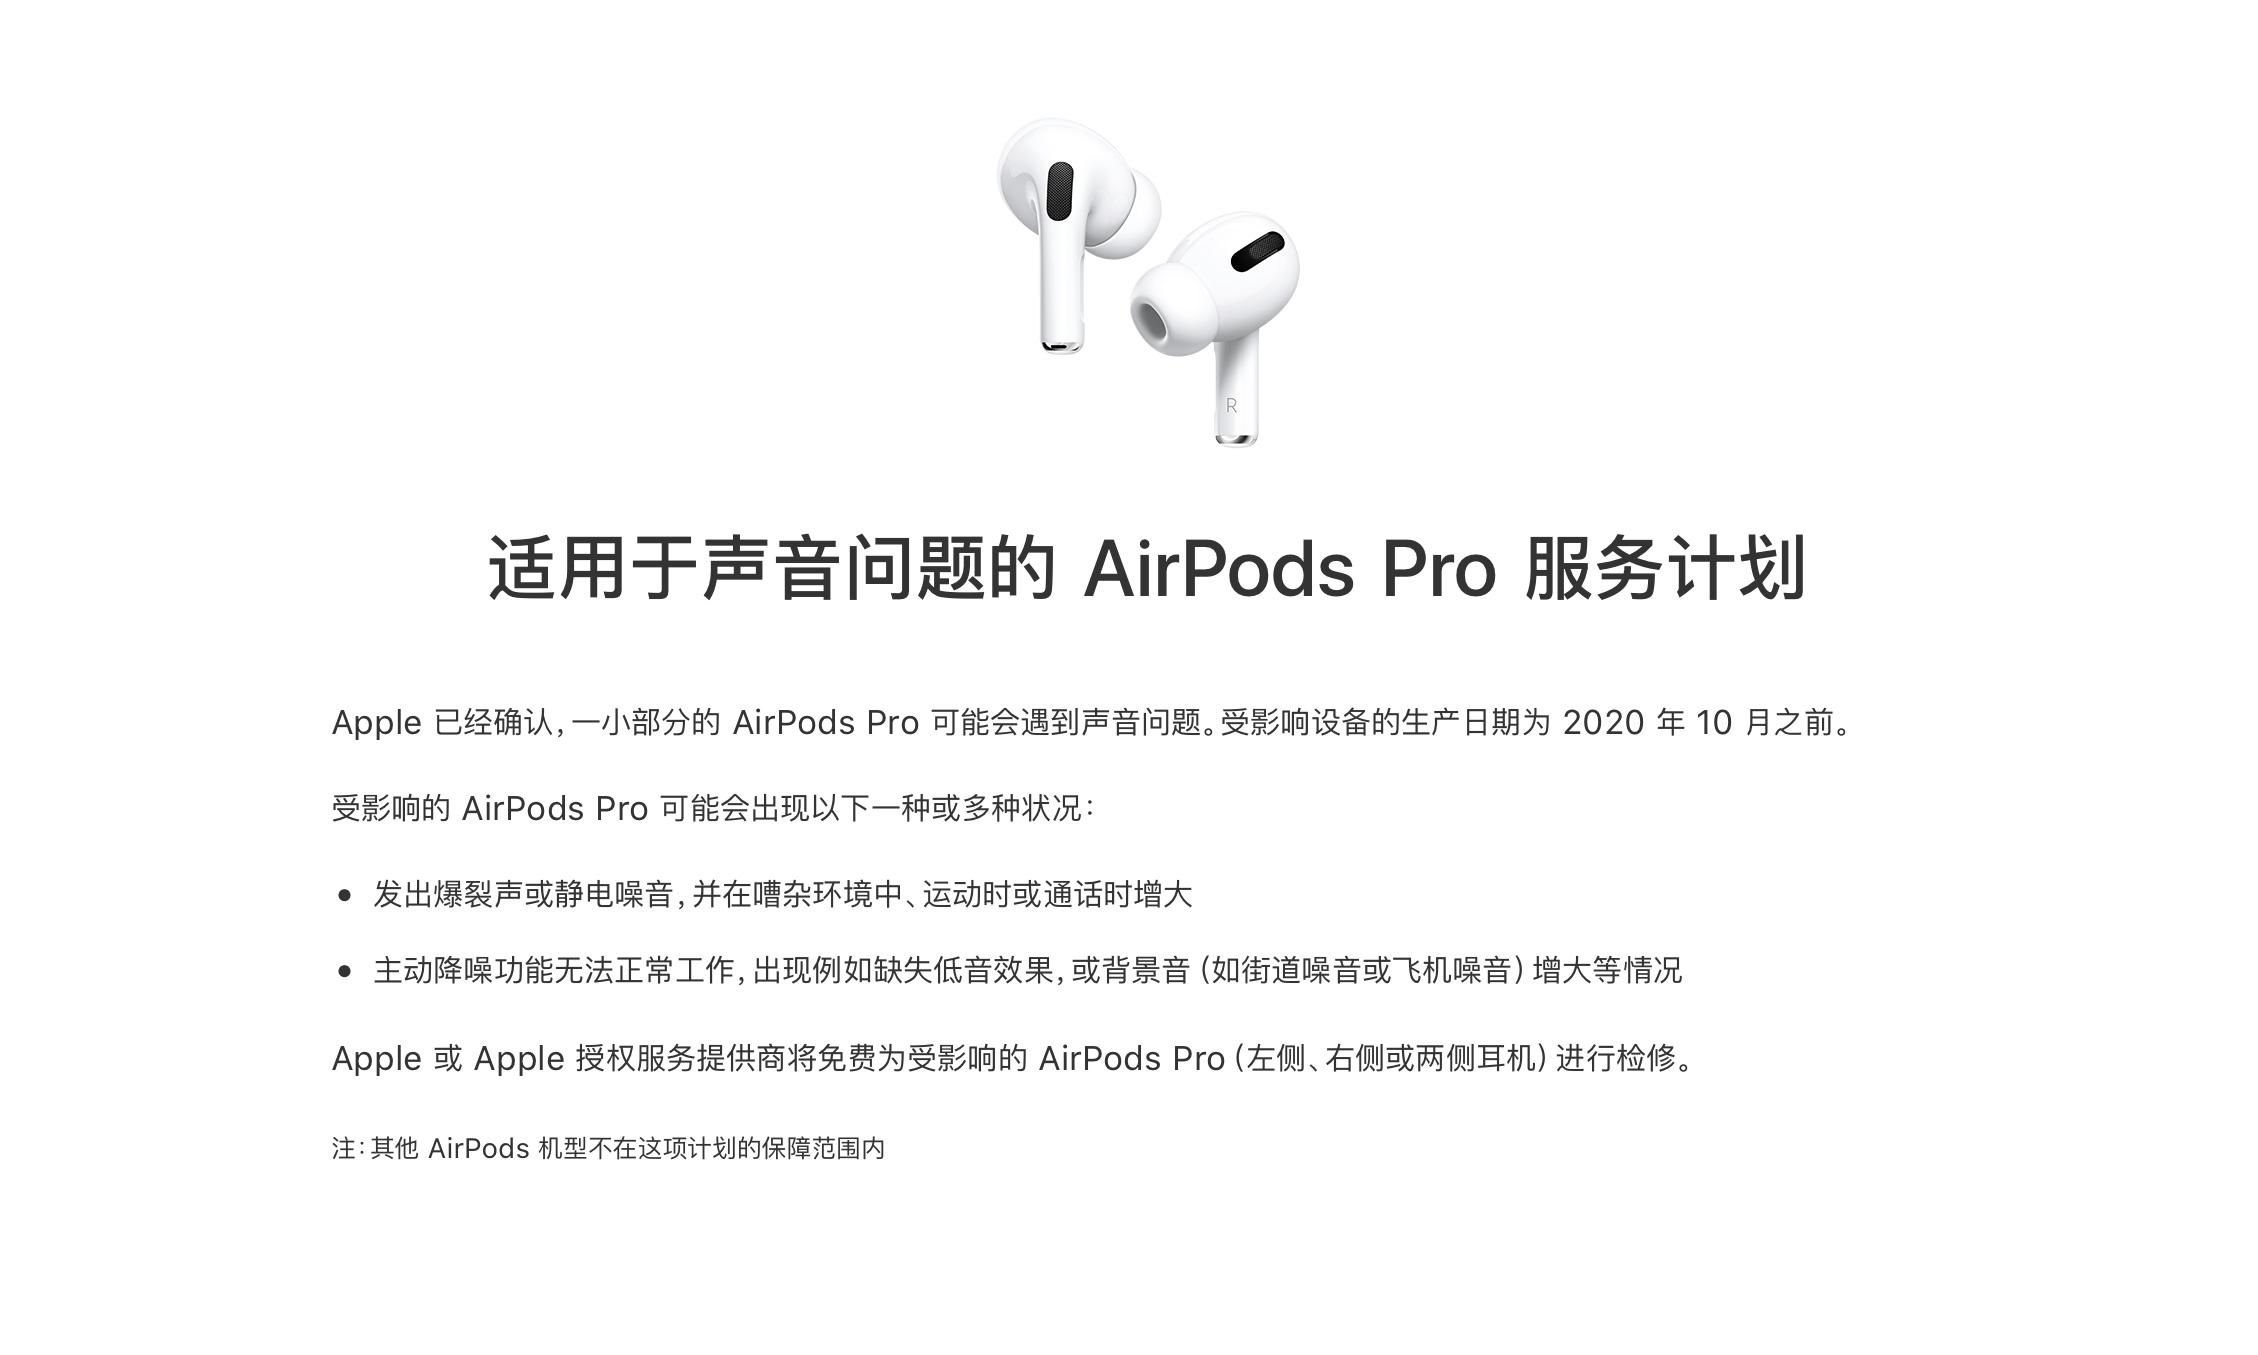 苹果官方公布 AirPods Pro 维修计划